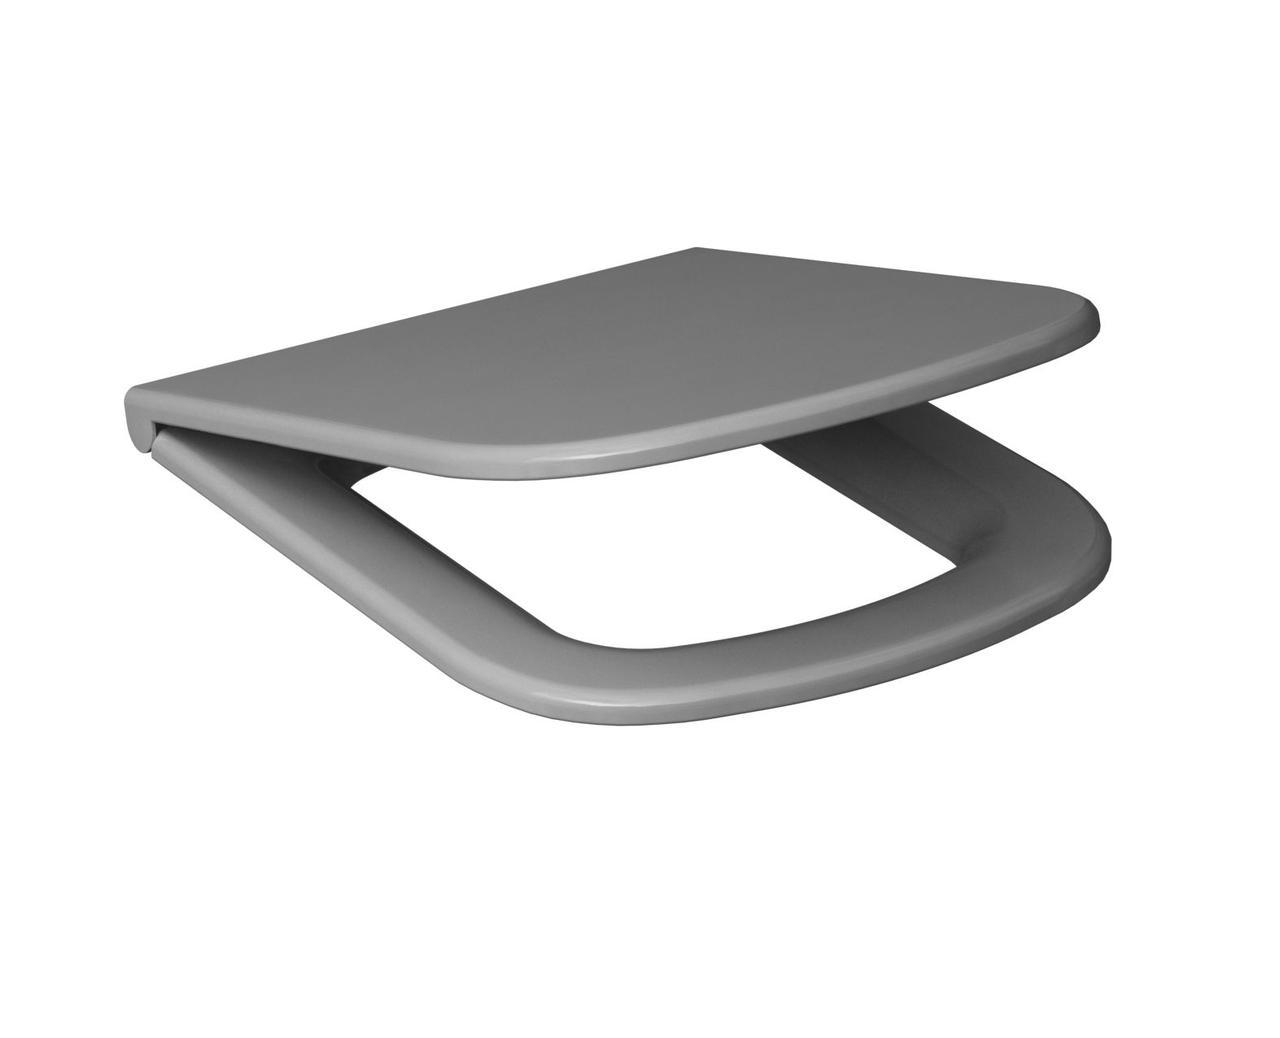 Сиденье для унитаза  Cersanit  COLOUR дюропласт серое медленно падающее